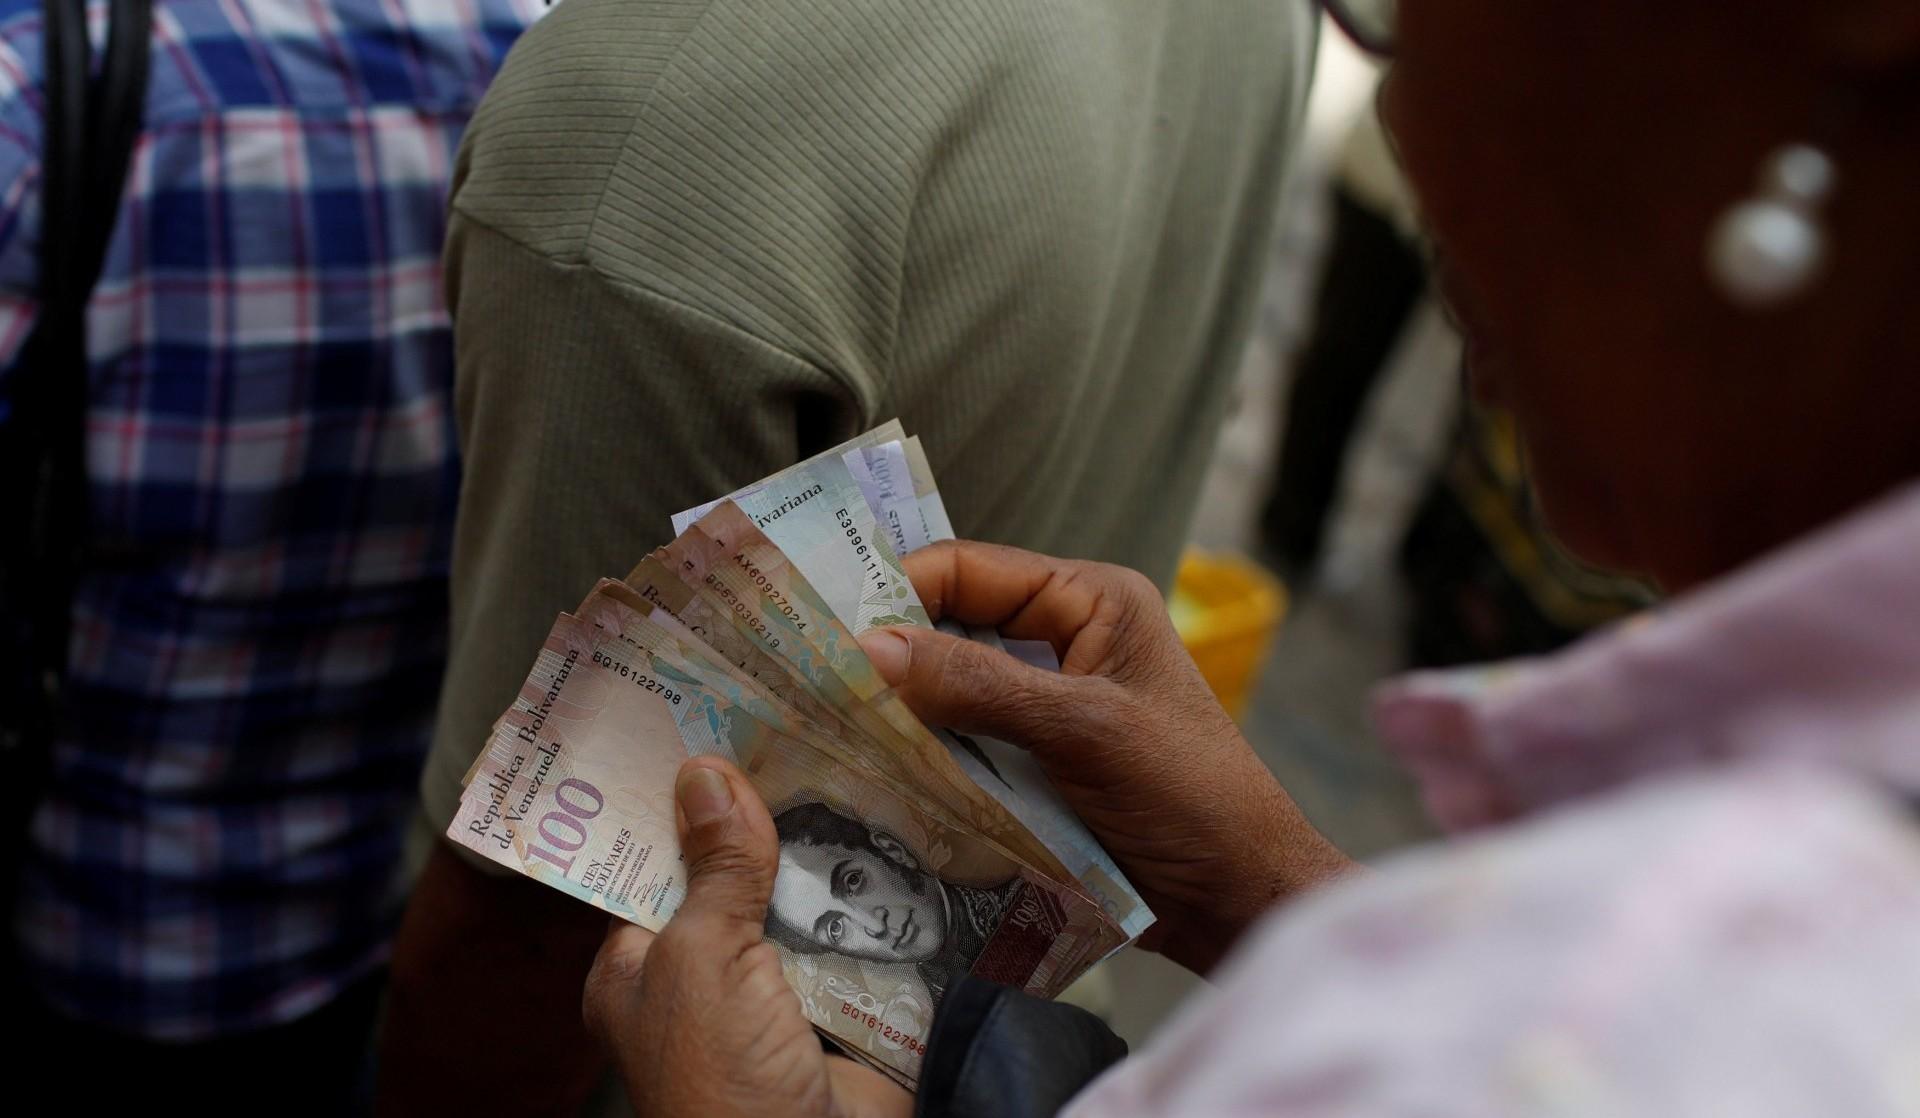 La última subasta del DICOM permitía comprar dólares a un cambio entre 2.679 y 3.445 bolívares. En la calle, el dólar libre se vende a más de 80 mil bolívares